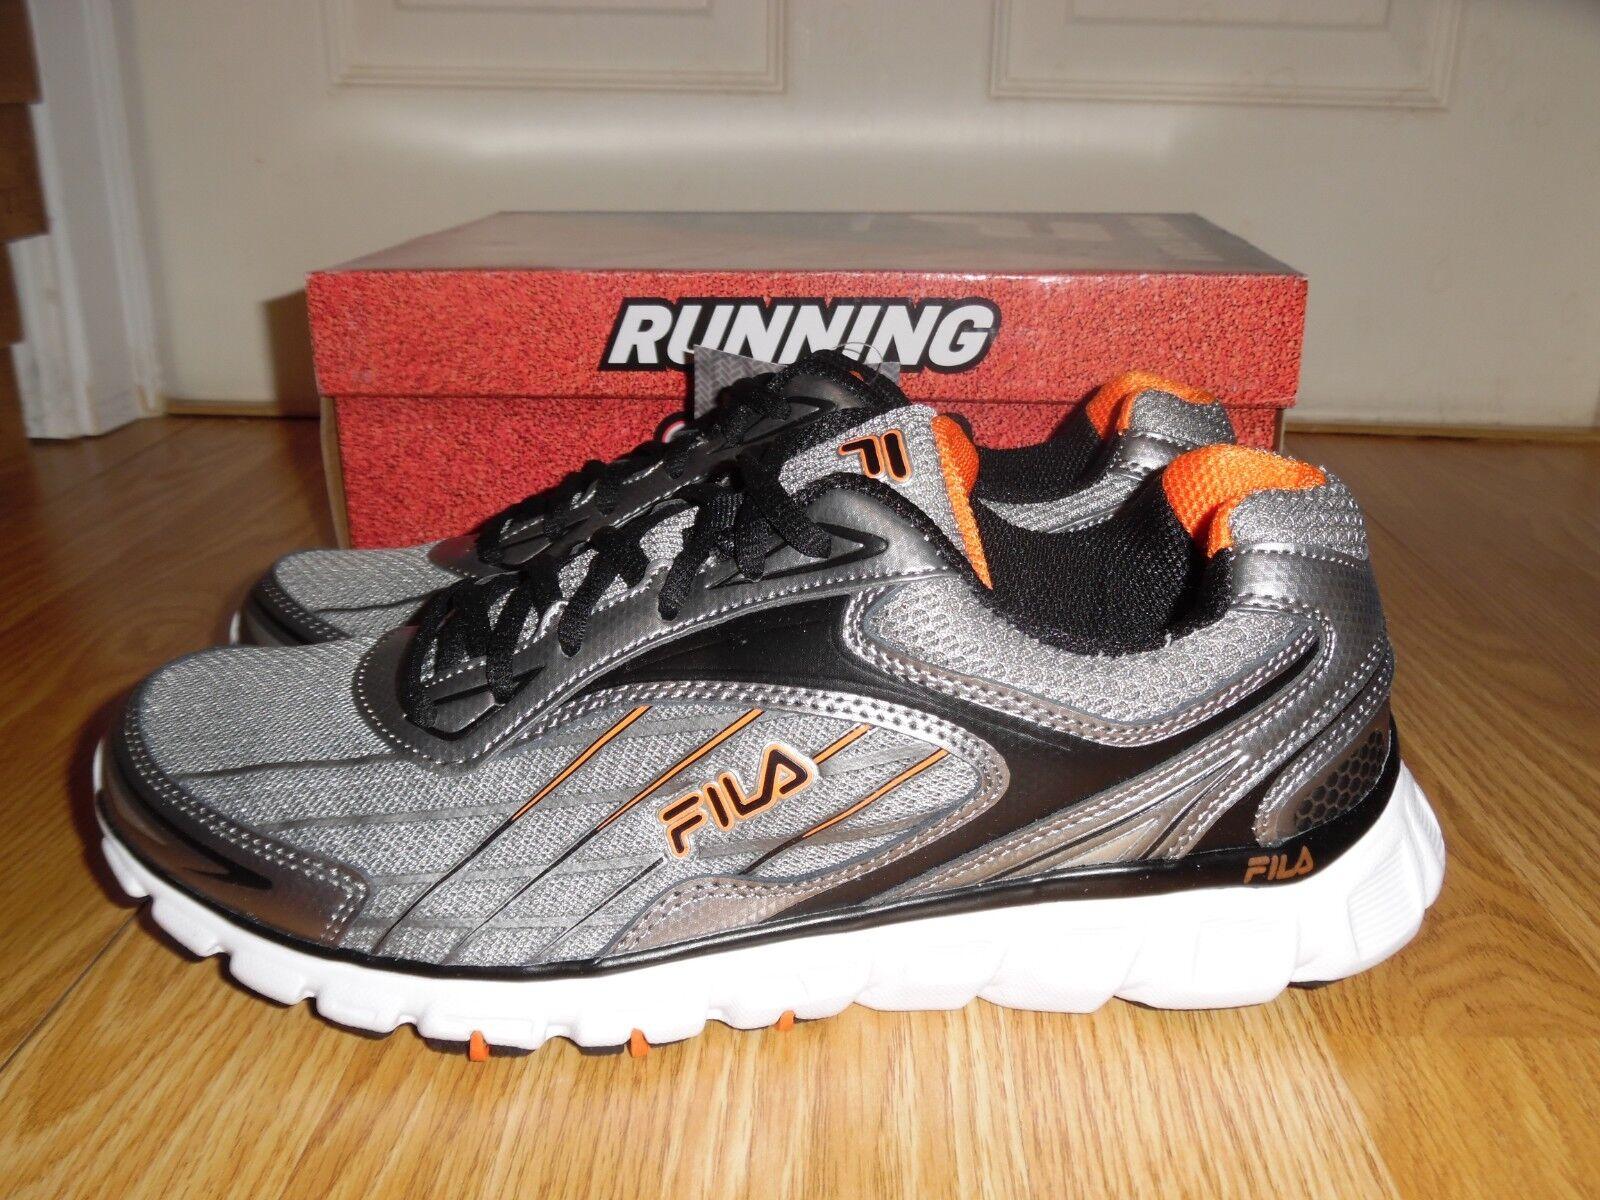 New in box Fila Memory Foam Men's size 9 Running shoes sneakers Silver orange